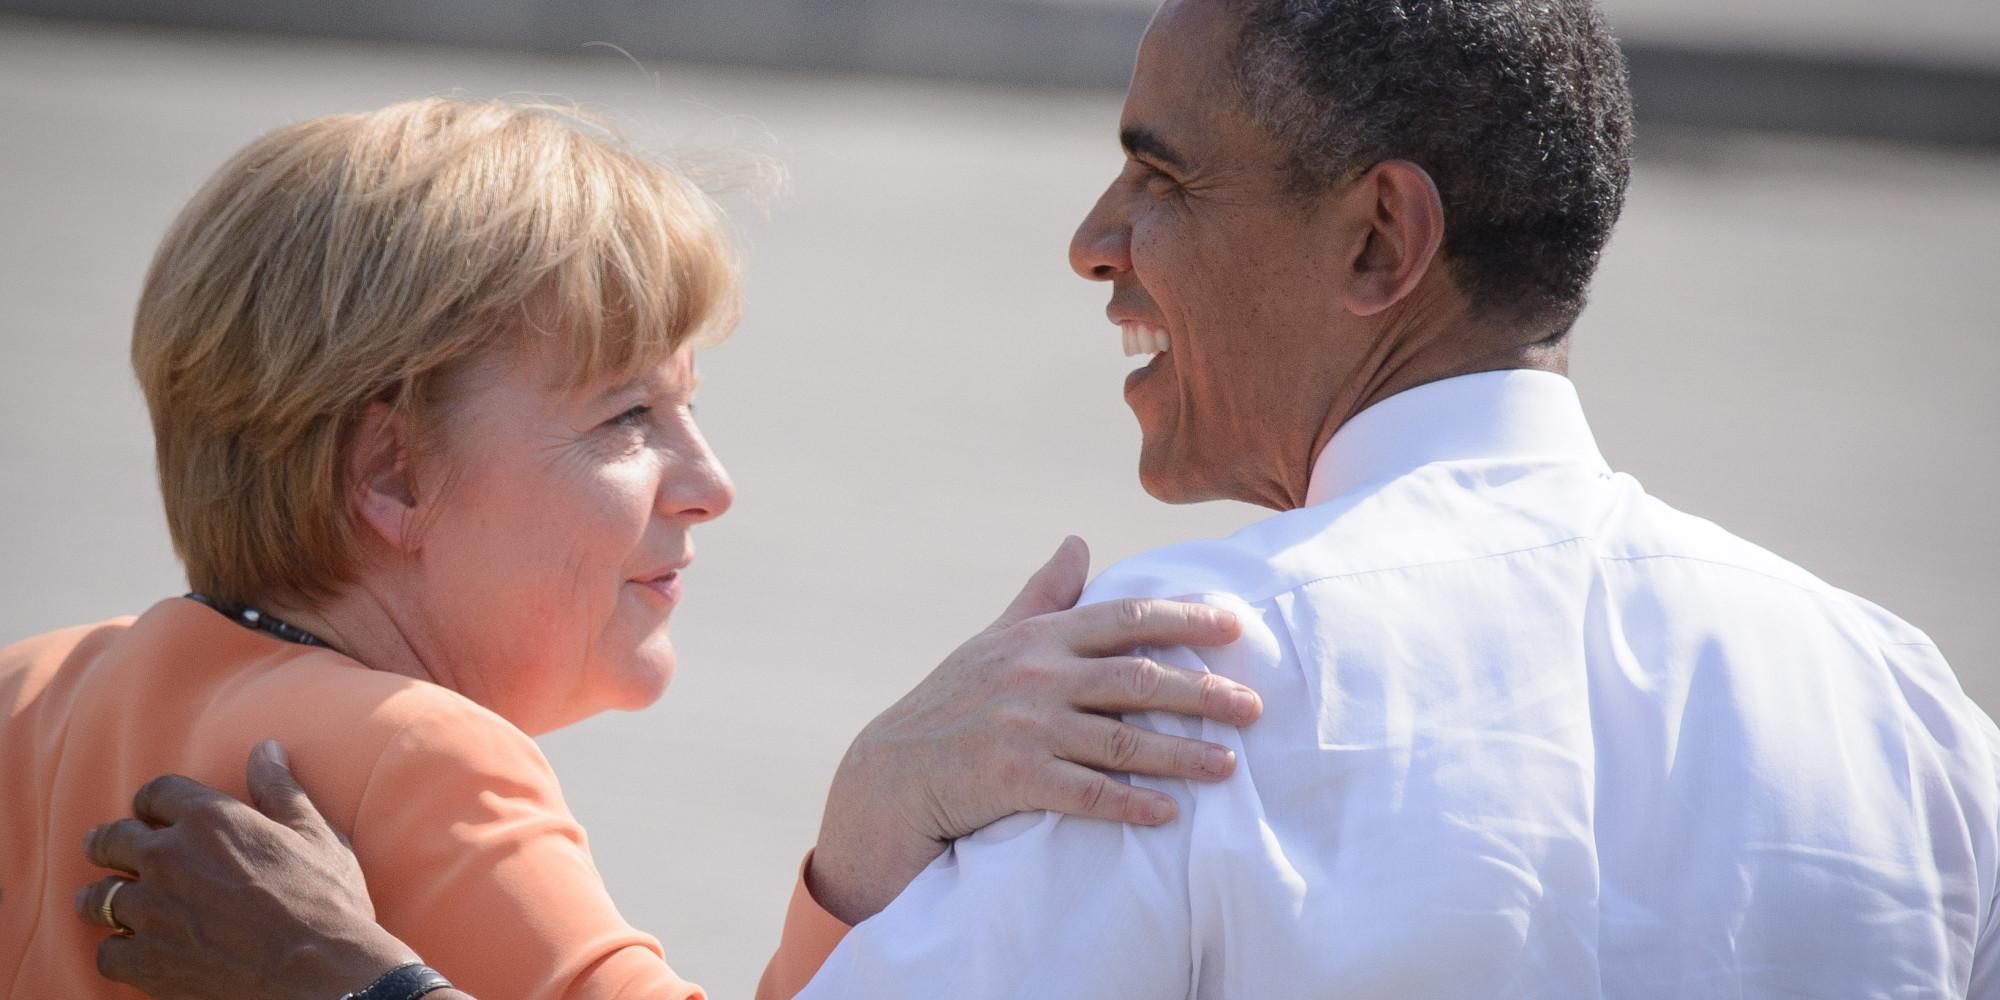 http://i.huffpost.com/gen/2346666/thumbs/o-TTIP-facebook.jpg